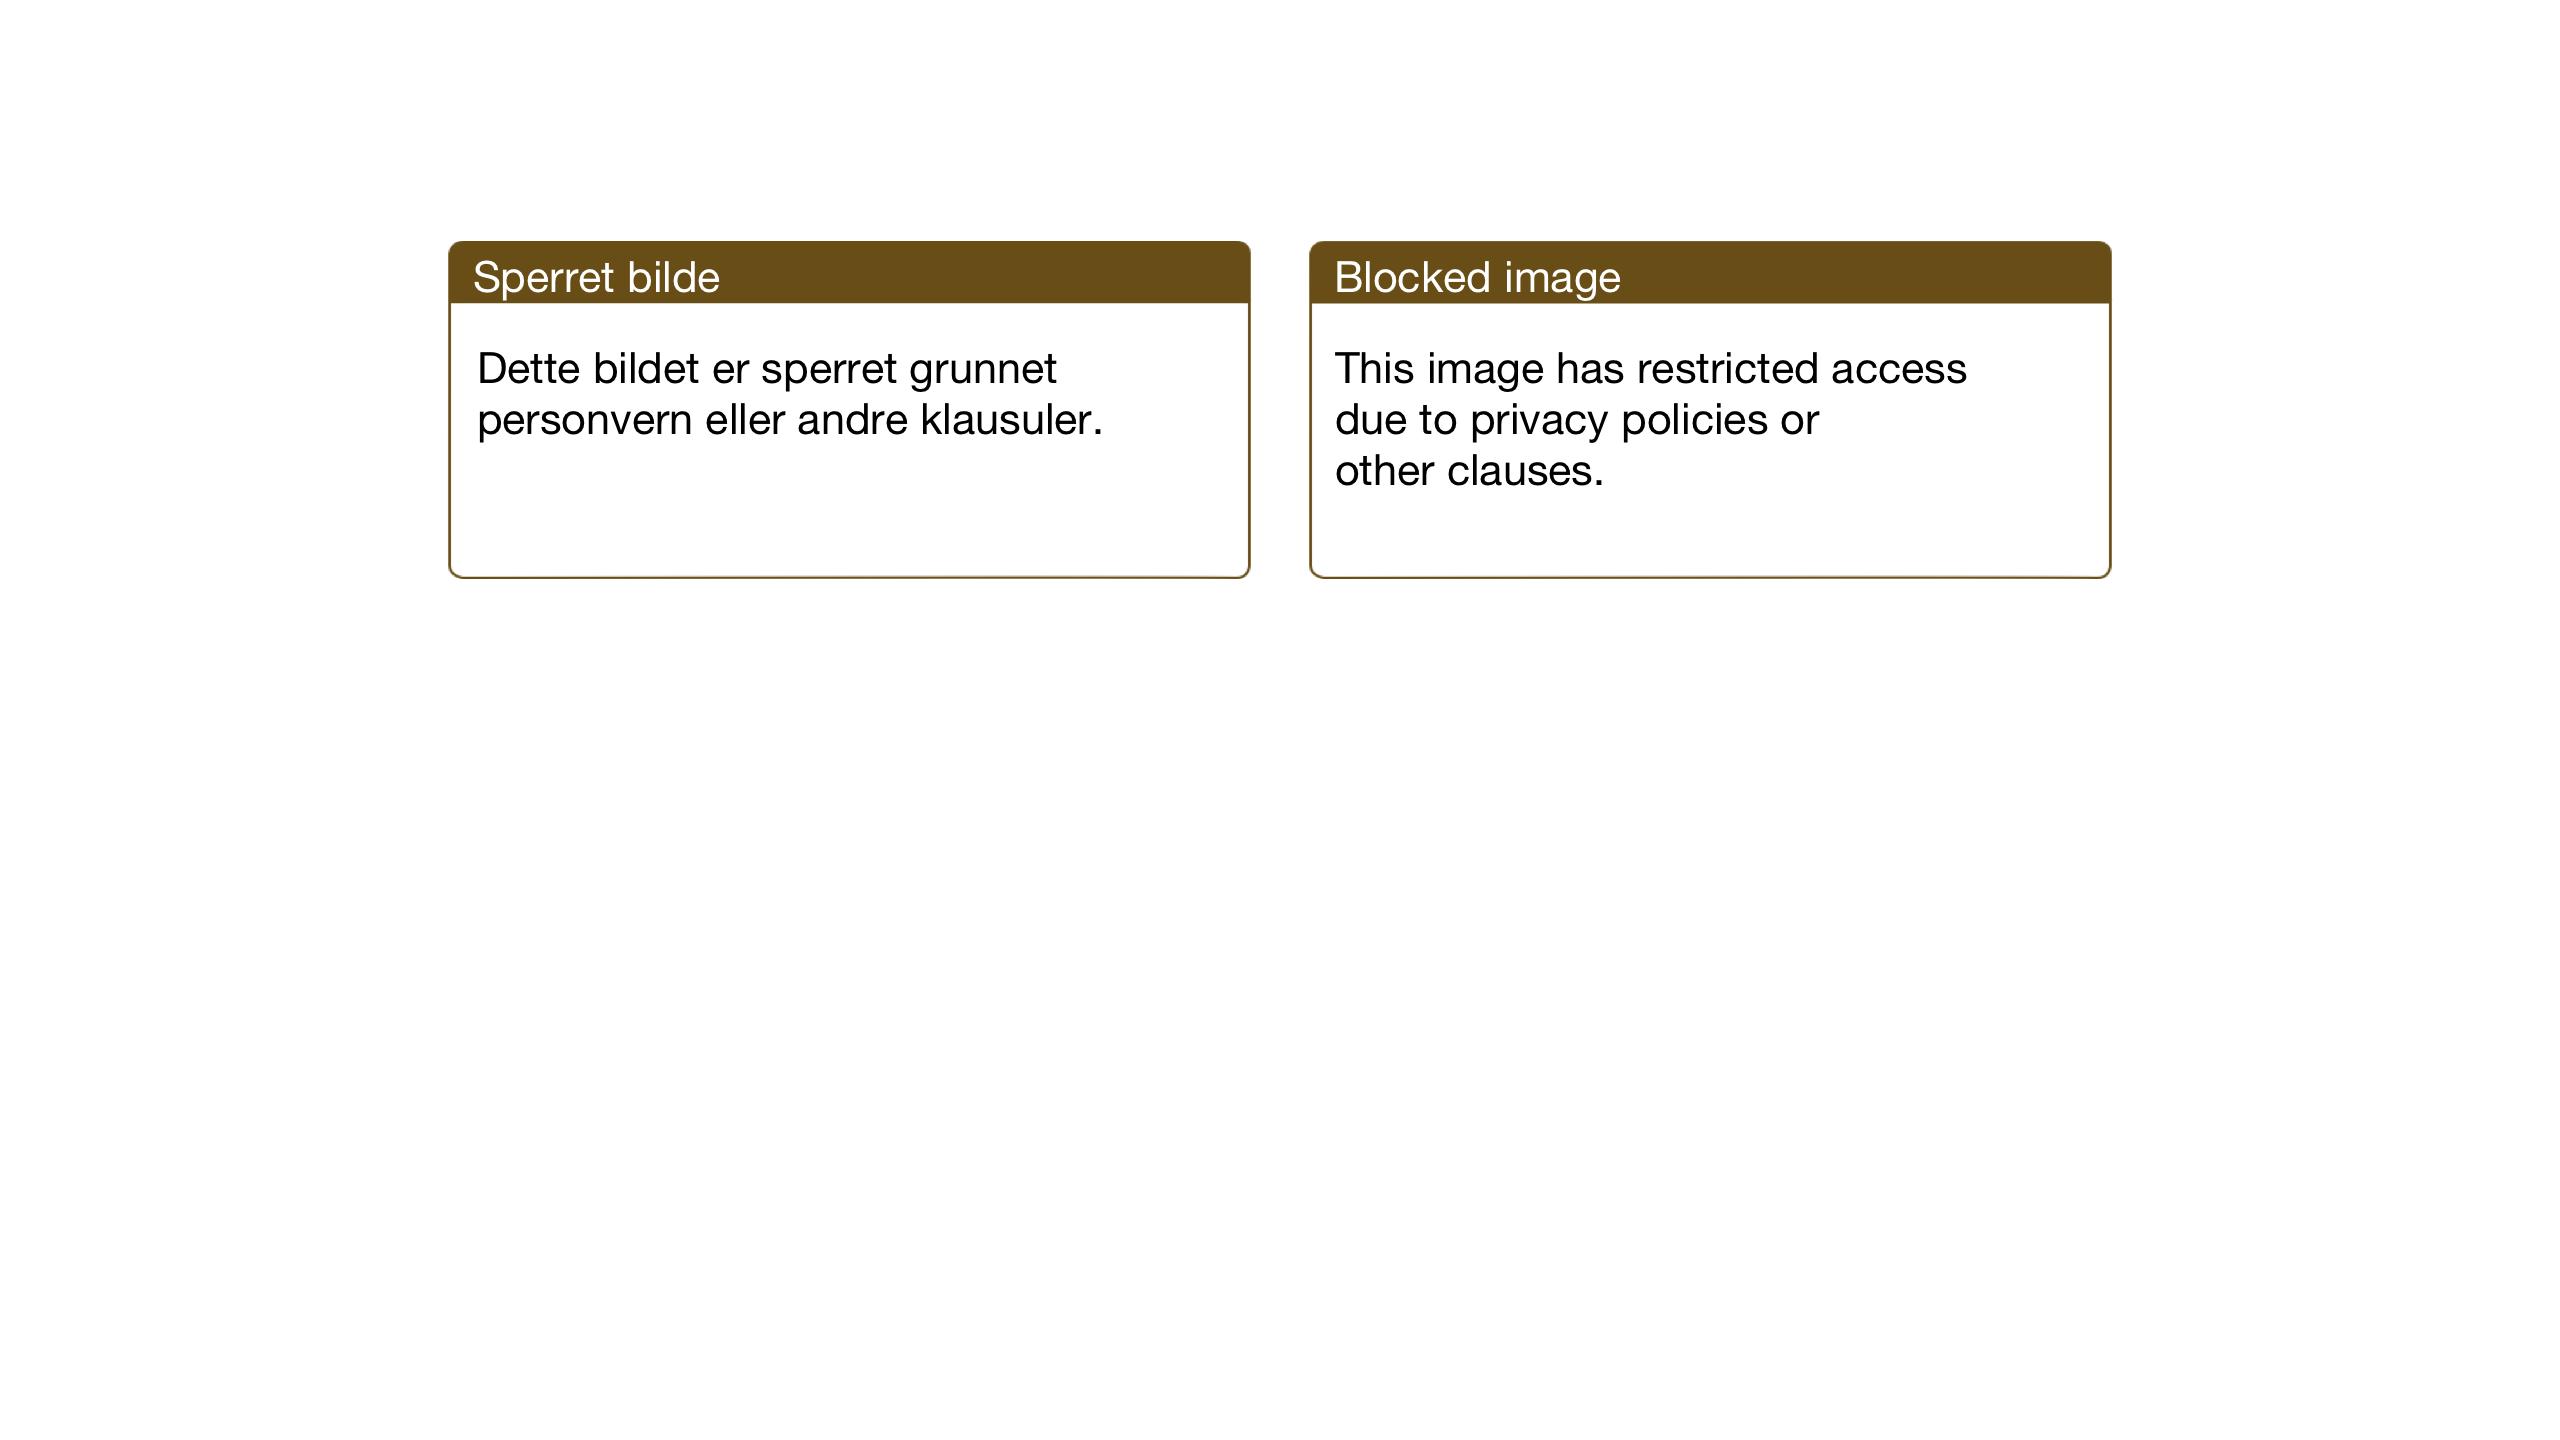 SAT, Ministerialprotokoller, klokkerbøker og fødselsregistre - Nord-Trøndelag, 748/L0465: Klokkerbok nr. 748C01, 1908-1960, s. 28